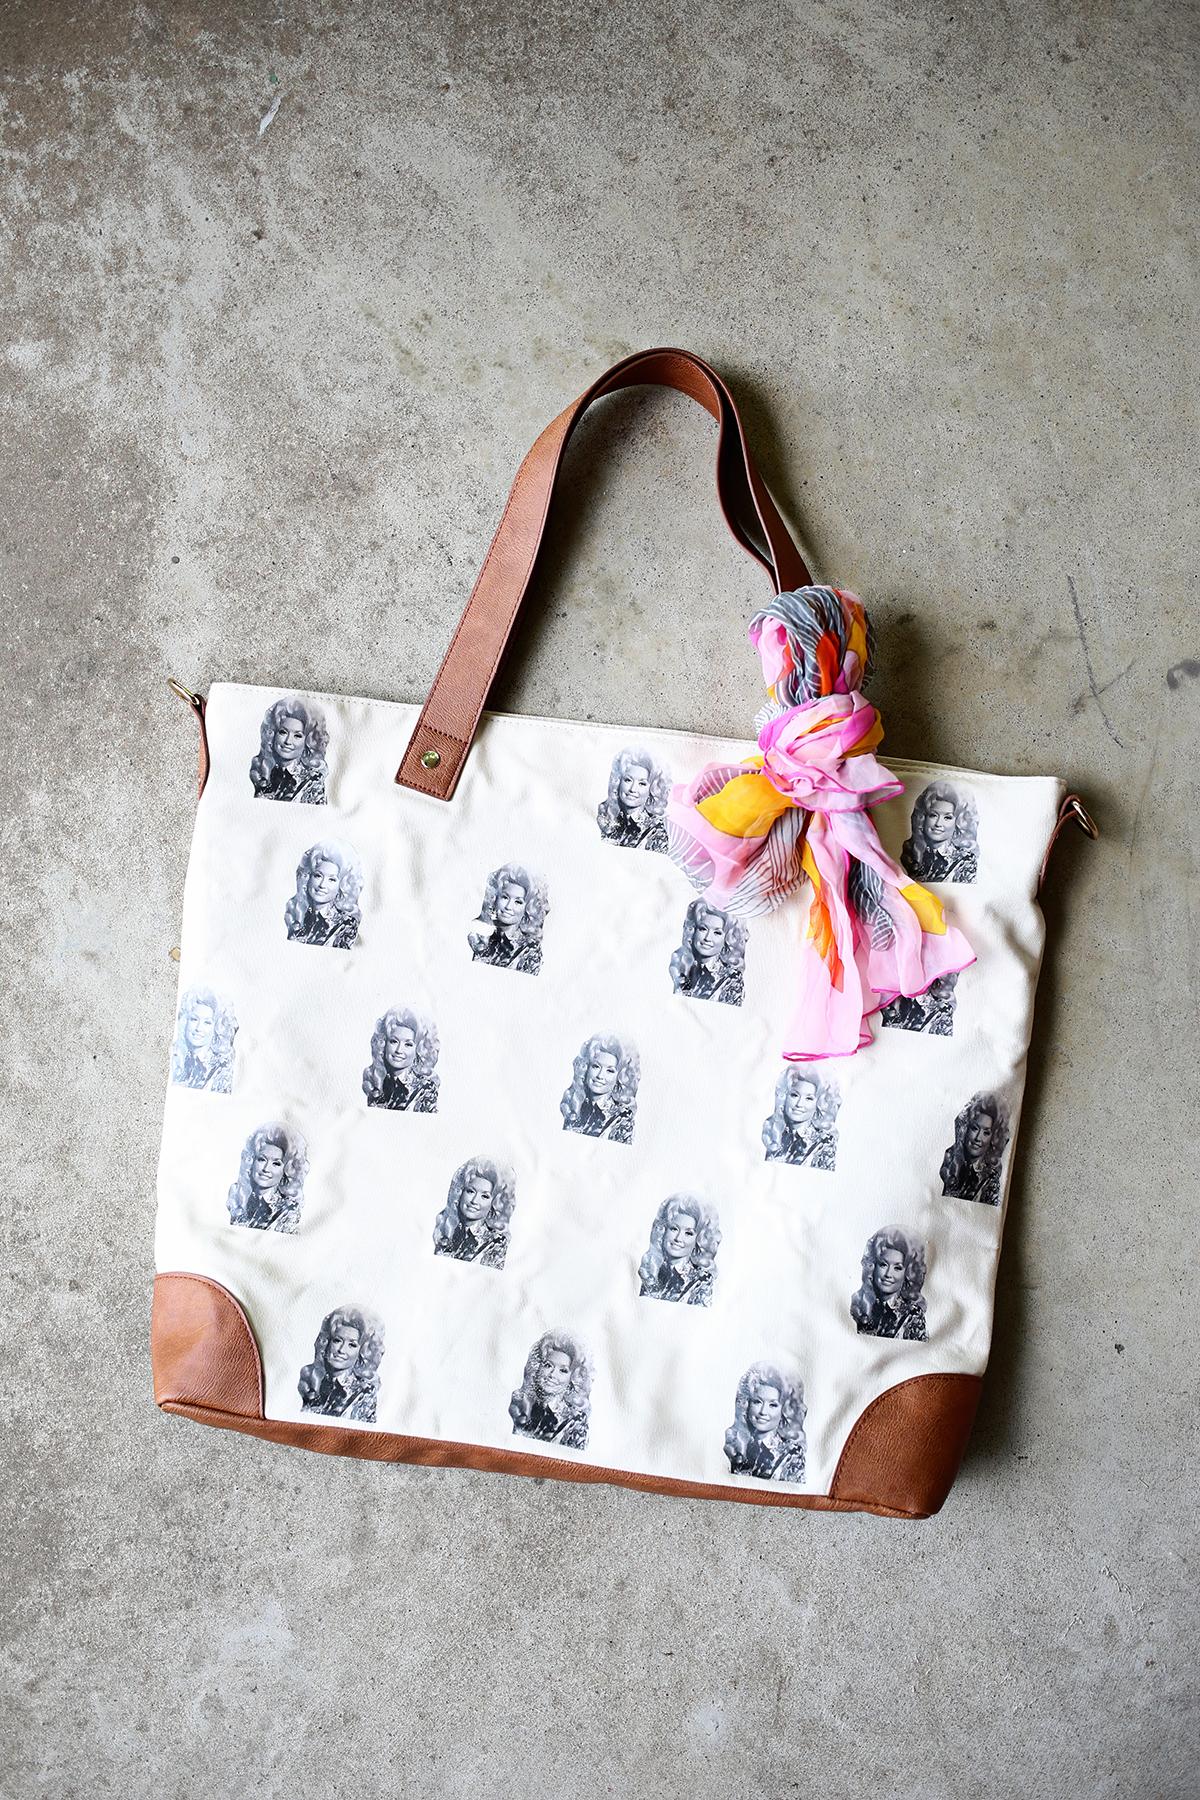 DIY Dolly Parton Bag